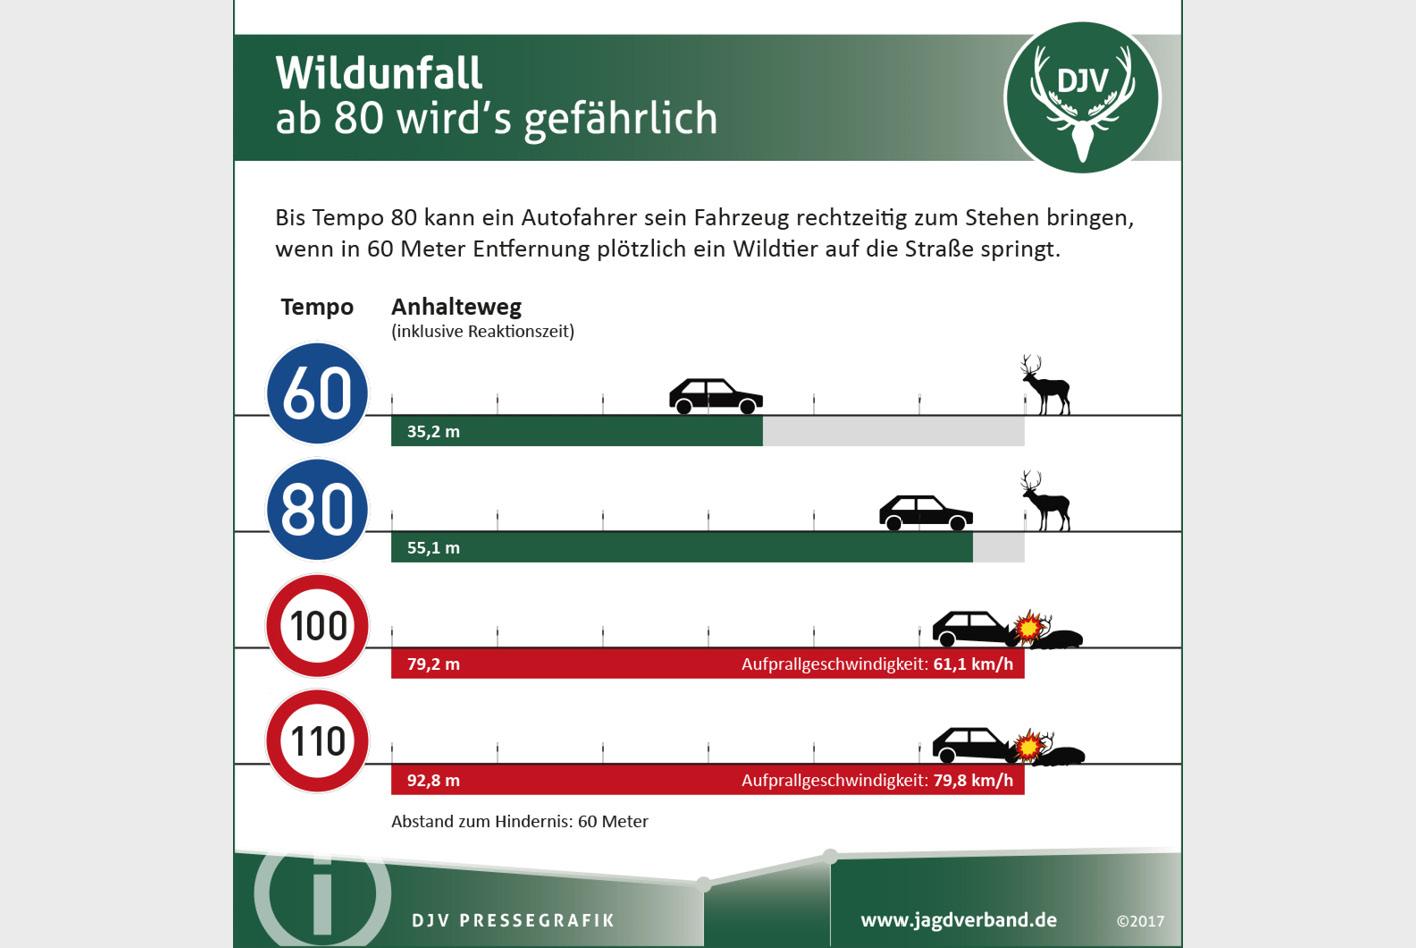 Bild: Kapuhs/Deutscher Jagdverband